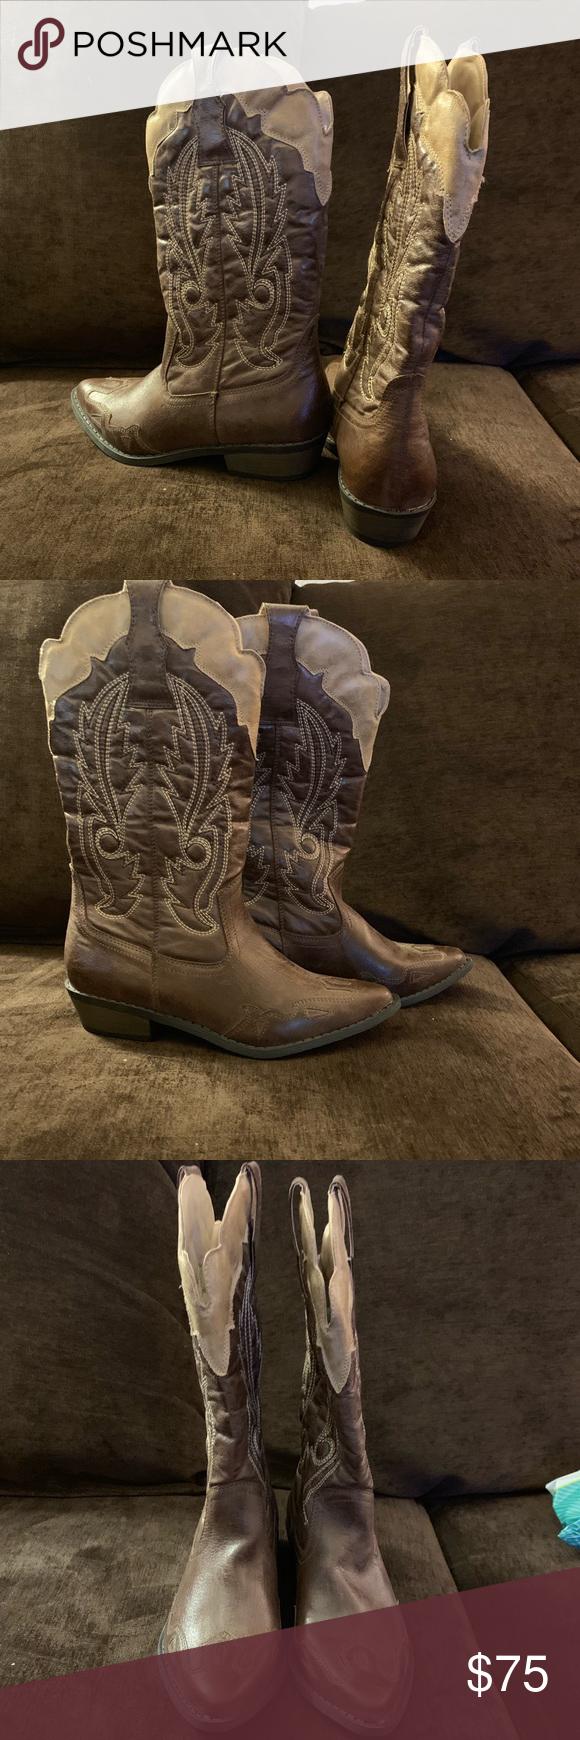 53d1f47ce7fb Coconut Bandera cowboy boots size 6 Coconut Cowboy Boots size 6. Never  worn. Coconuts by Matisse Shoes